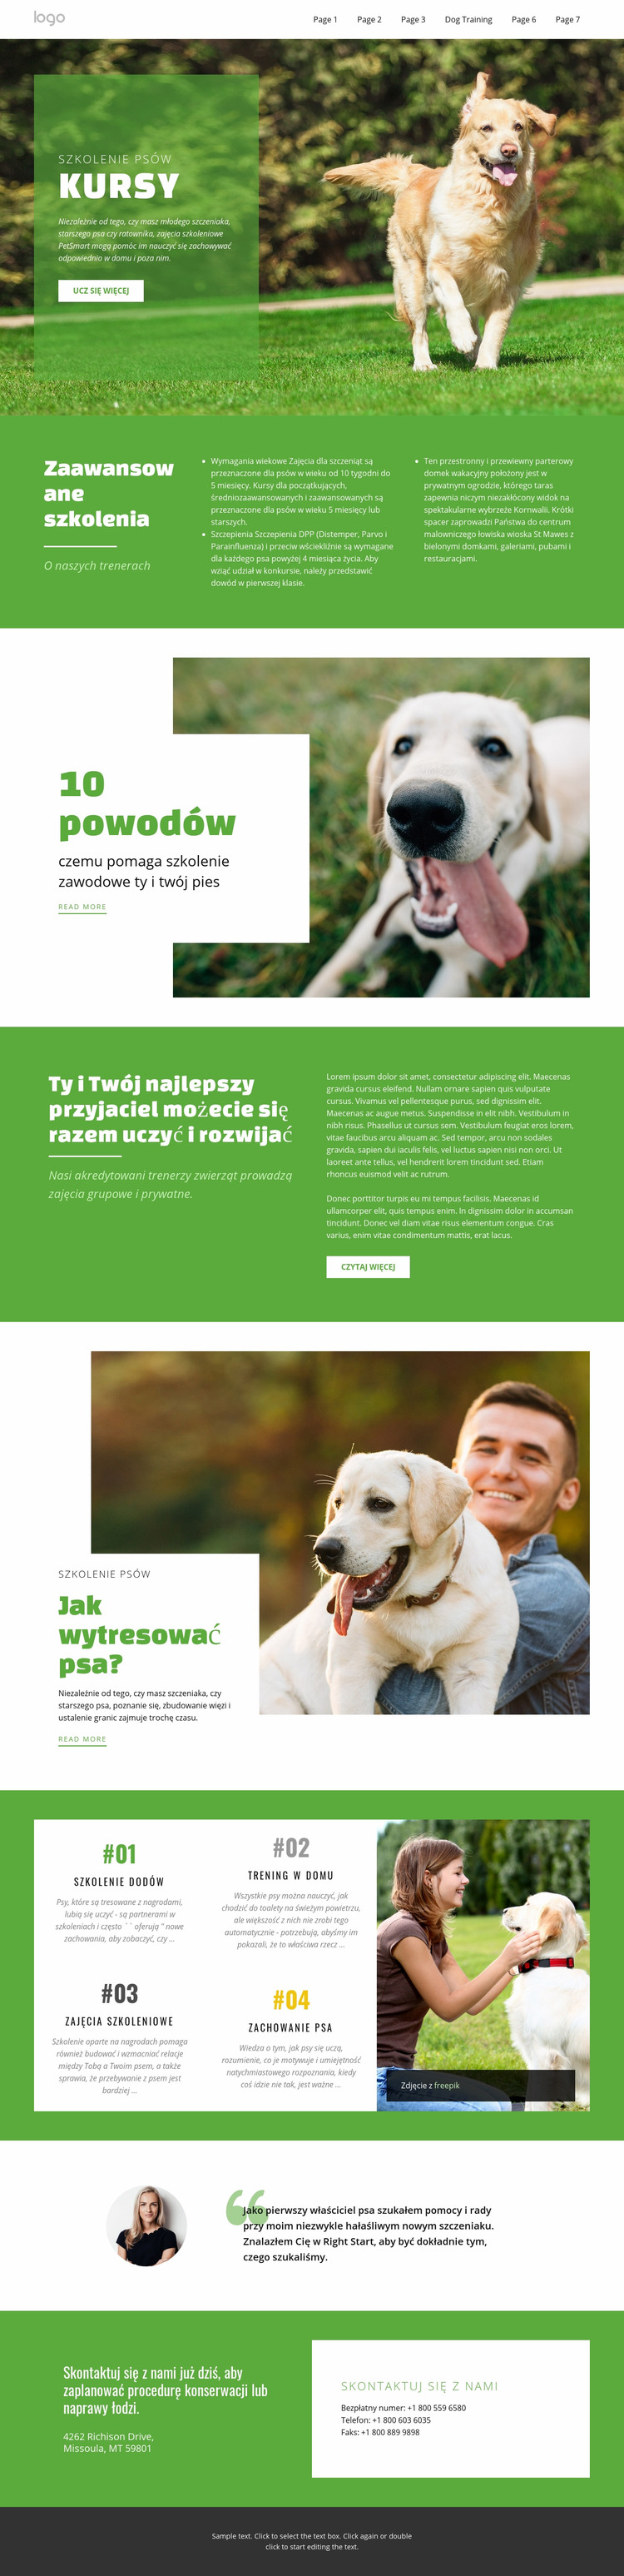 Kursy szkoleniowe dla zwierząt domowych Szablon Joomla